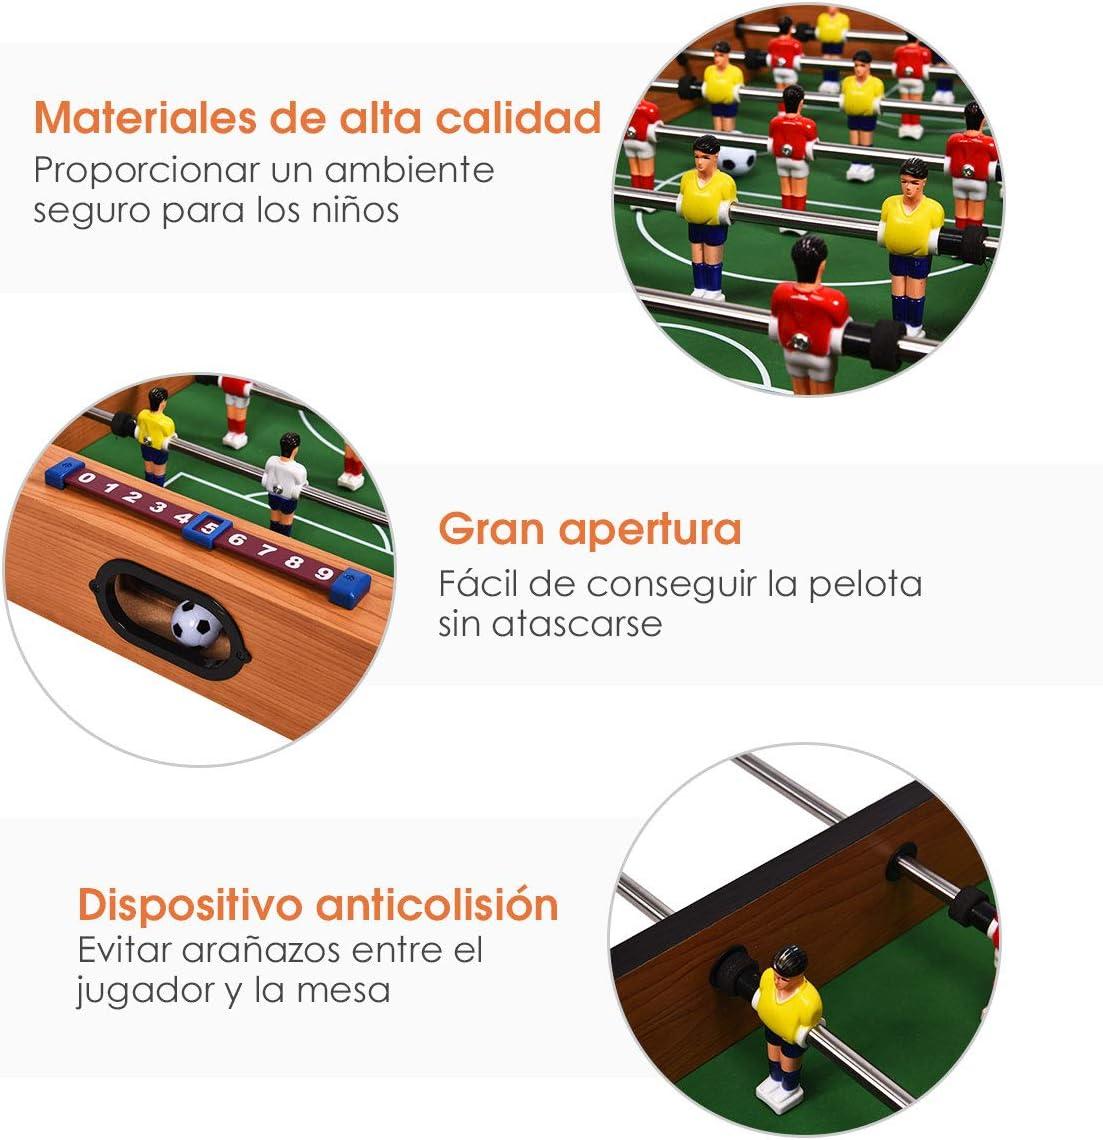 COSTWAY 2 en 1 Mesa Multijuegos Mesa de Futbolín y Hockey Juego de ...